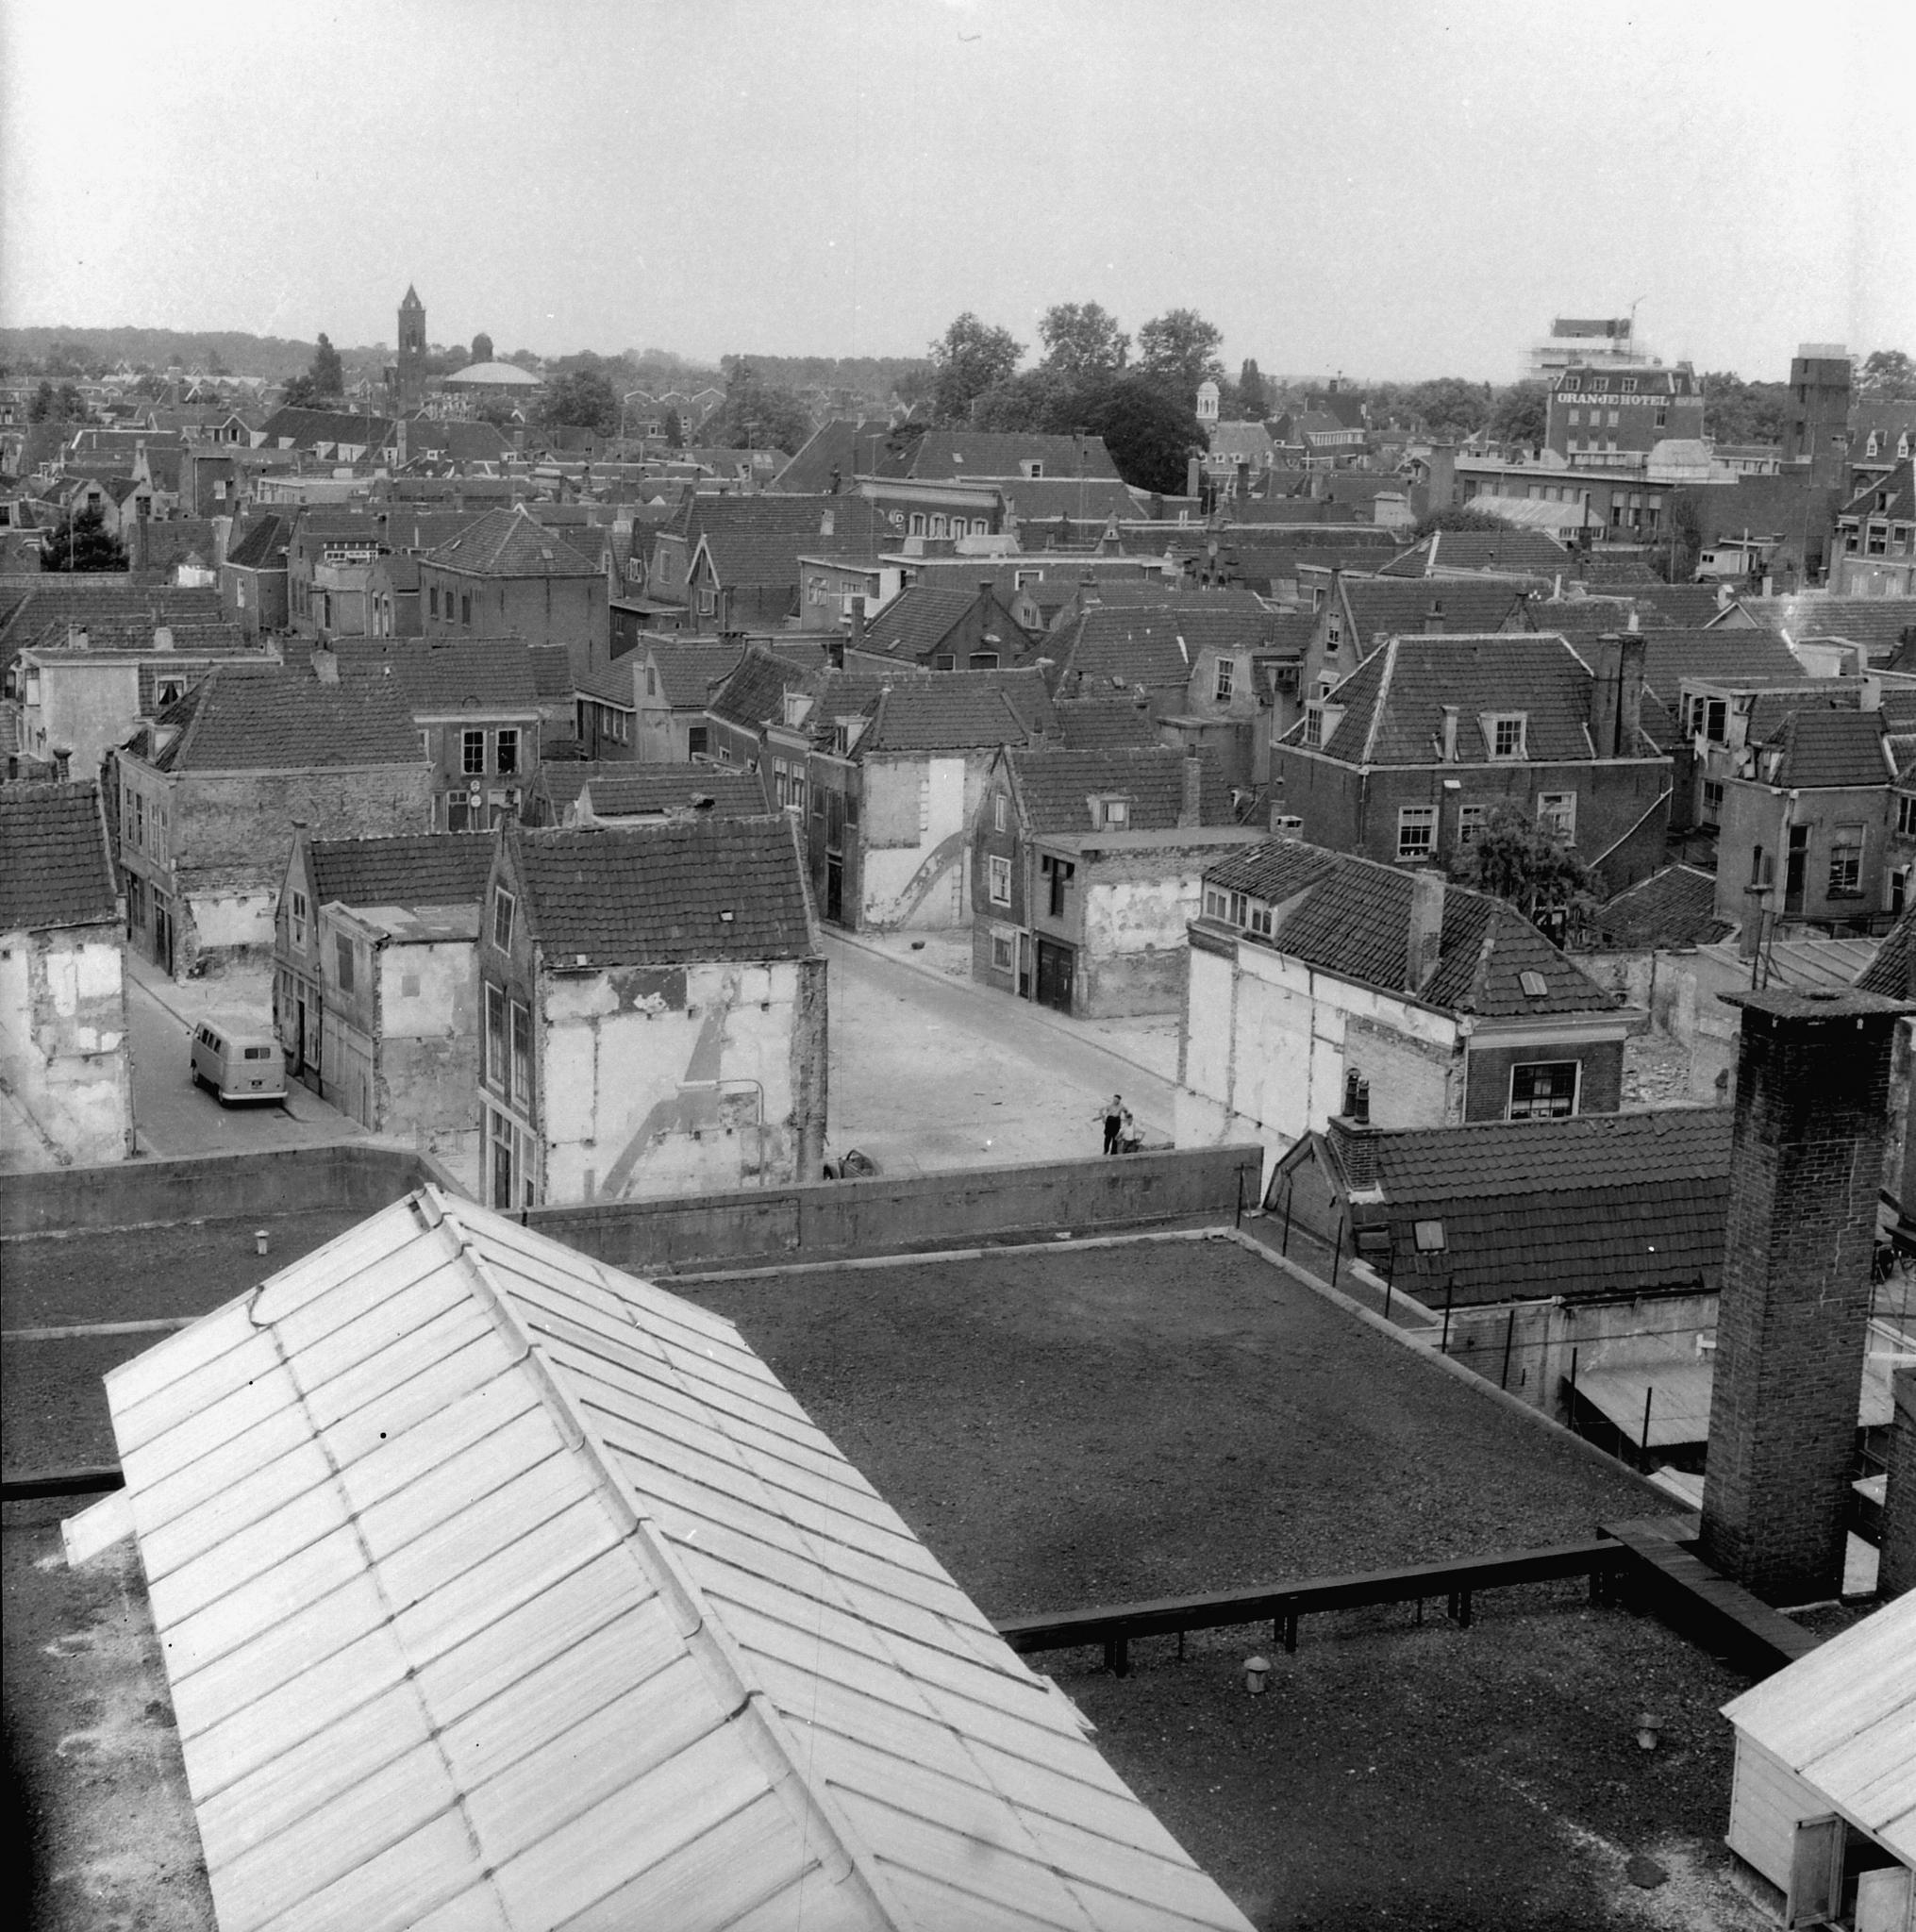 Panorama oude binnenstad Dordrecht - Regionaal Archief Dordrecht.